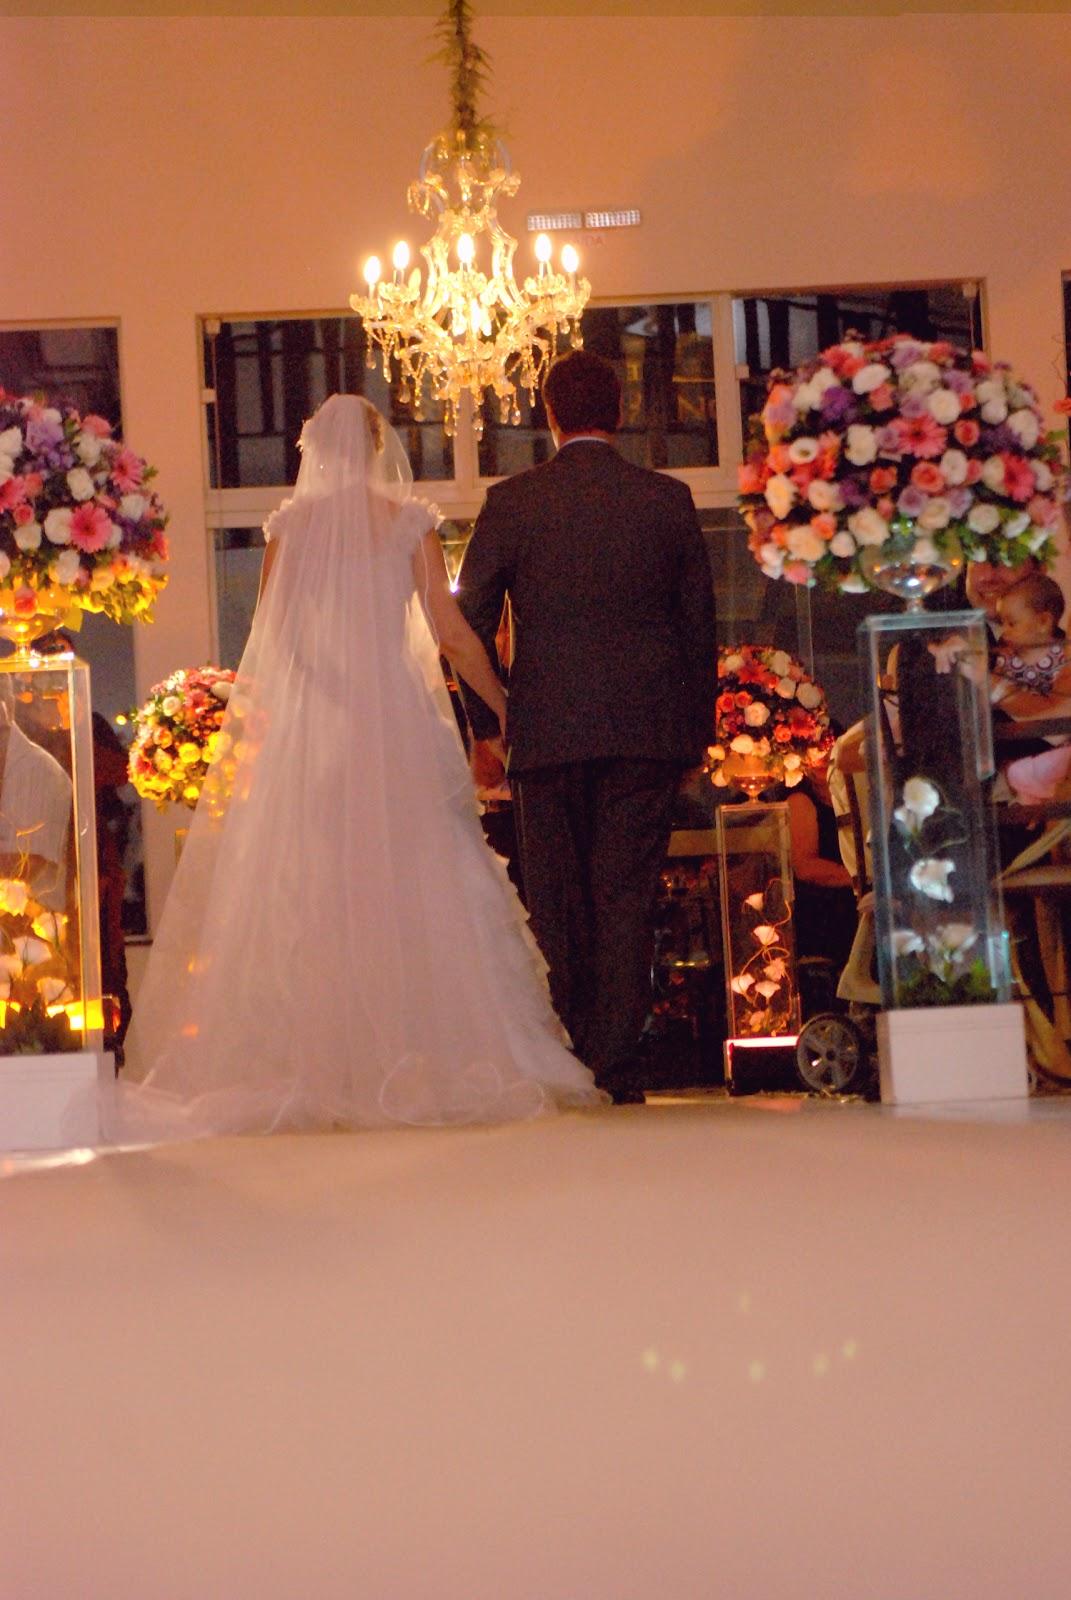 2c920cbb3 Em primeiro lugar o fotógrafo deve conhecer seus clientes, ou seja, os  noivos! A amizade, as conversas nos primeiros contatos servirão para o  fotógrafo ...